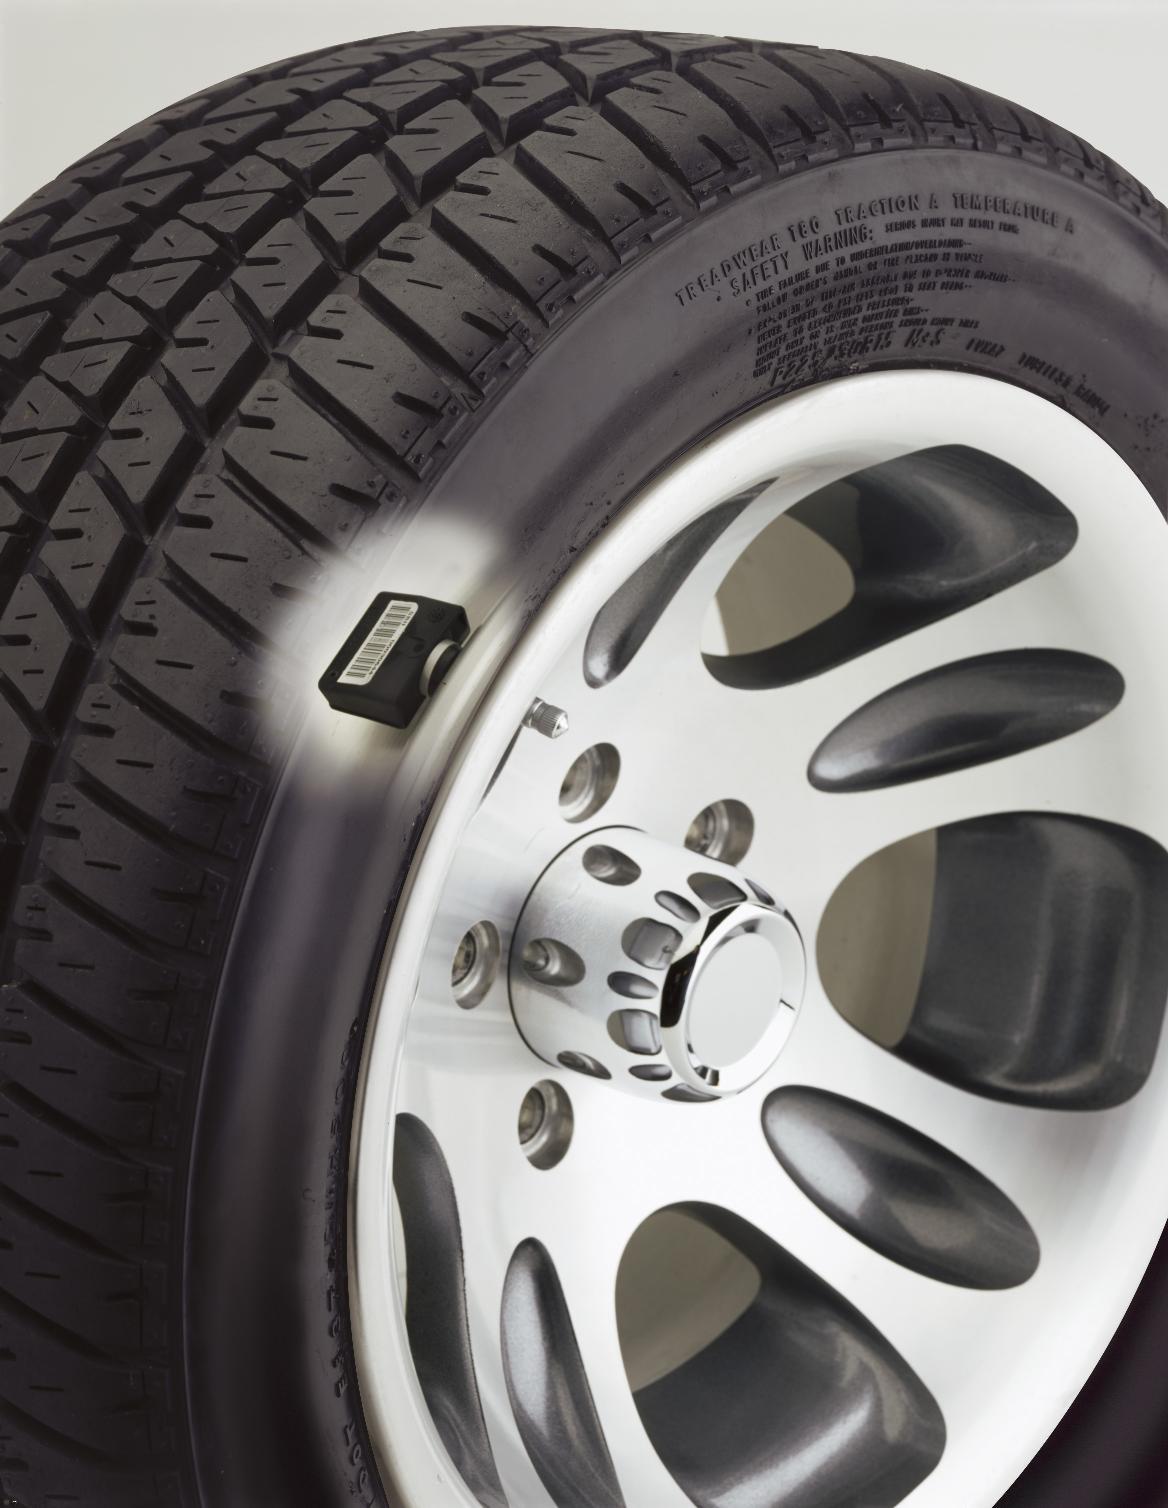 【道安】保障行車安全,舊車也該裝上胎壓偵測器